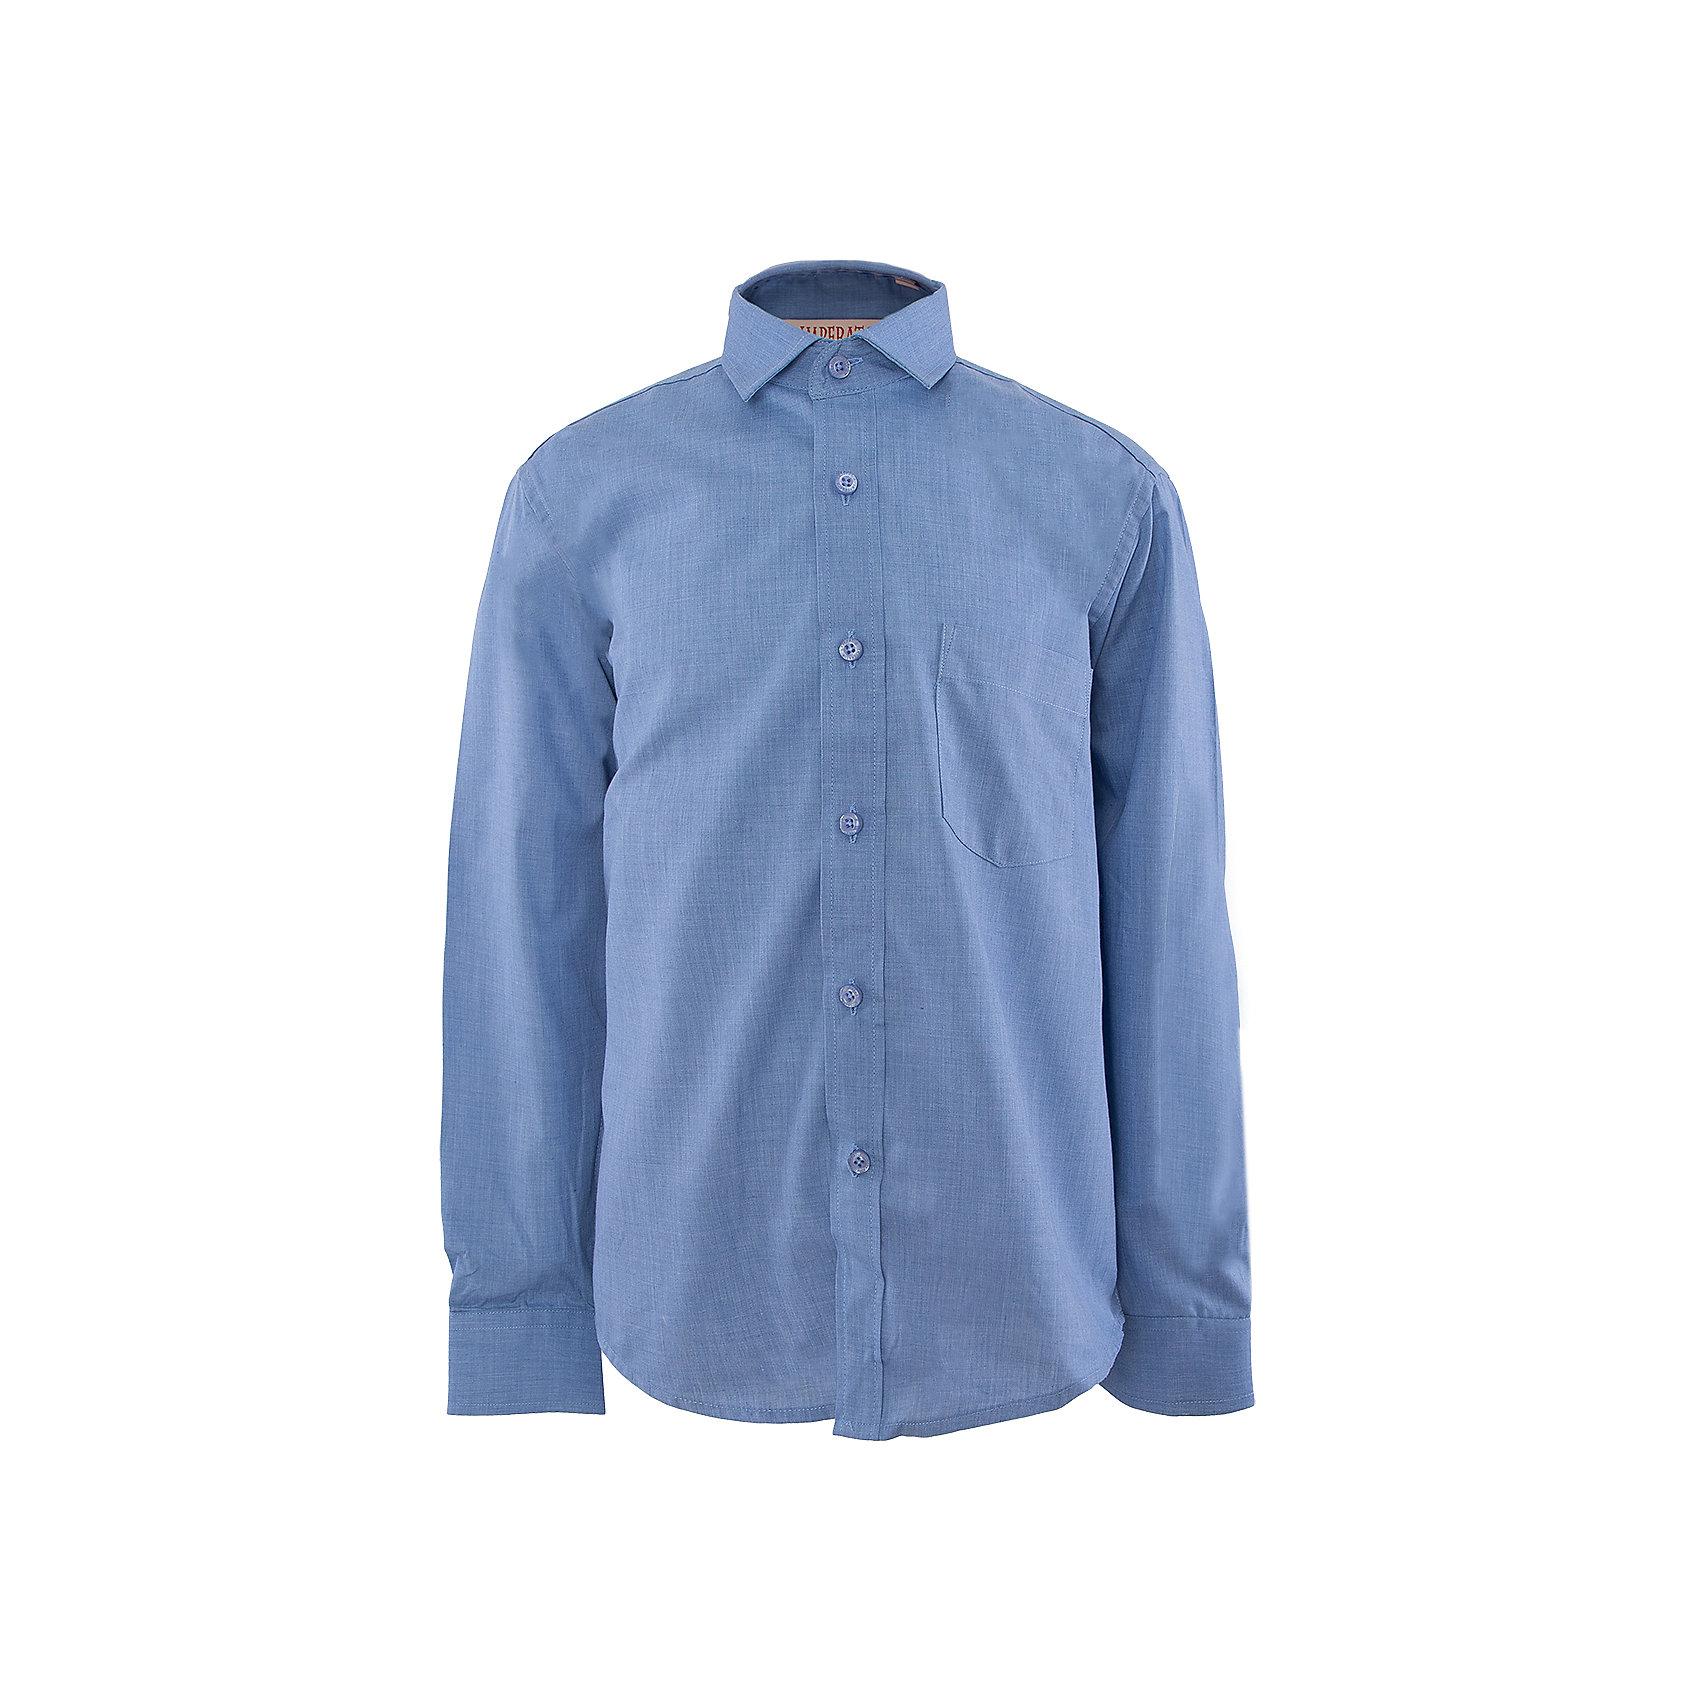 Рубашка для мальчика ImperatorКлассическая рубашка - неотьемлемая вещь в гардеробе. Модель на пуговицах, с отложным воротником. Свободный покрой не стеснит движений и позволит чувствовать себя комфортно каждый день.  Состав 55 % хл. 45% П/Э<br><br>Ширина мм: 174<br>Глубина мм: 10<br>Высота мм: 169<br>Вес г: 157<br>Цвет: синий<br>Возраст от месяцев: 132<br>Возраст до месяцев: 144<br>Пол: Мужской<br>Возраст: Детский<br>Размер: 146/152,164/170,122/128,128/134,134/140,140/146,152/158,158/164<br>SKU: 4749469